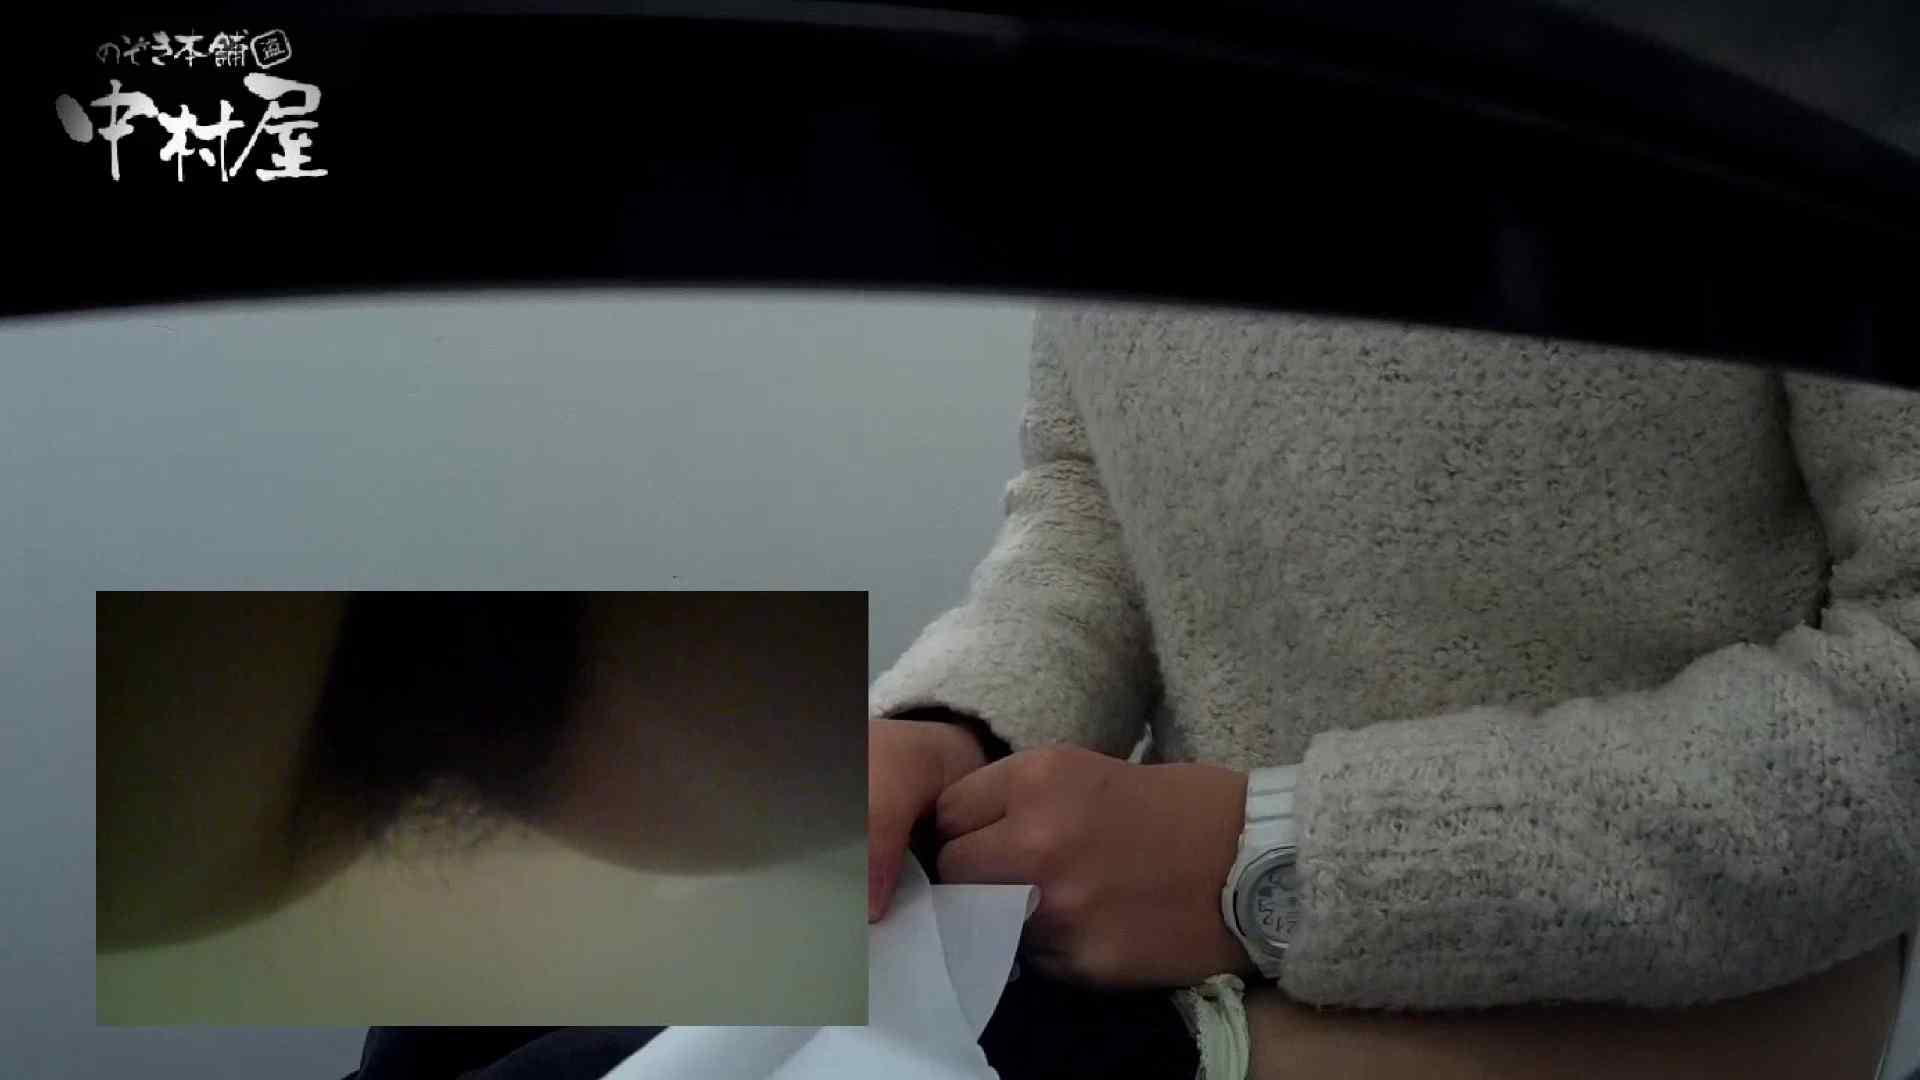 有名大学女性洗面所 vol.54 設置撮影最高峰!! 3視点でじっくり観察 洗面所突入 オマンコ動画キャプチャ 94pic 83